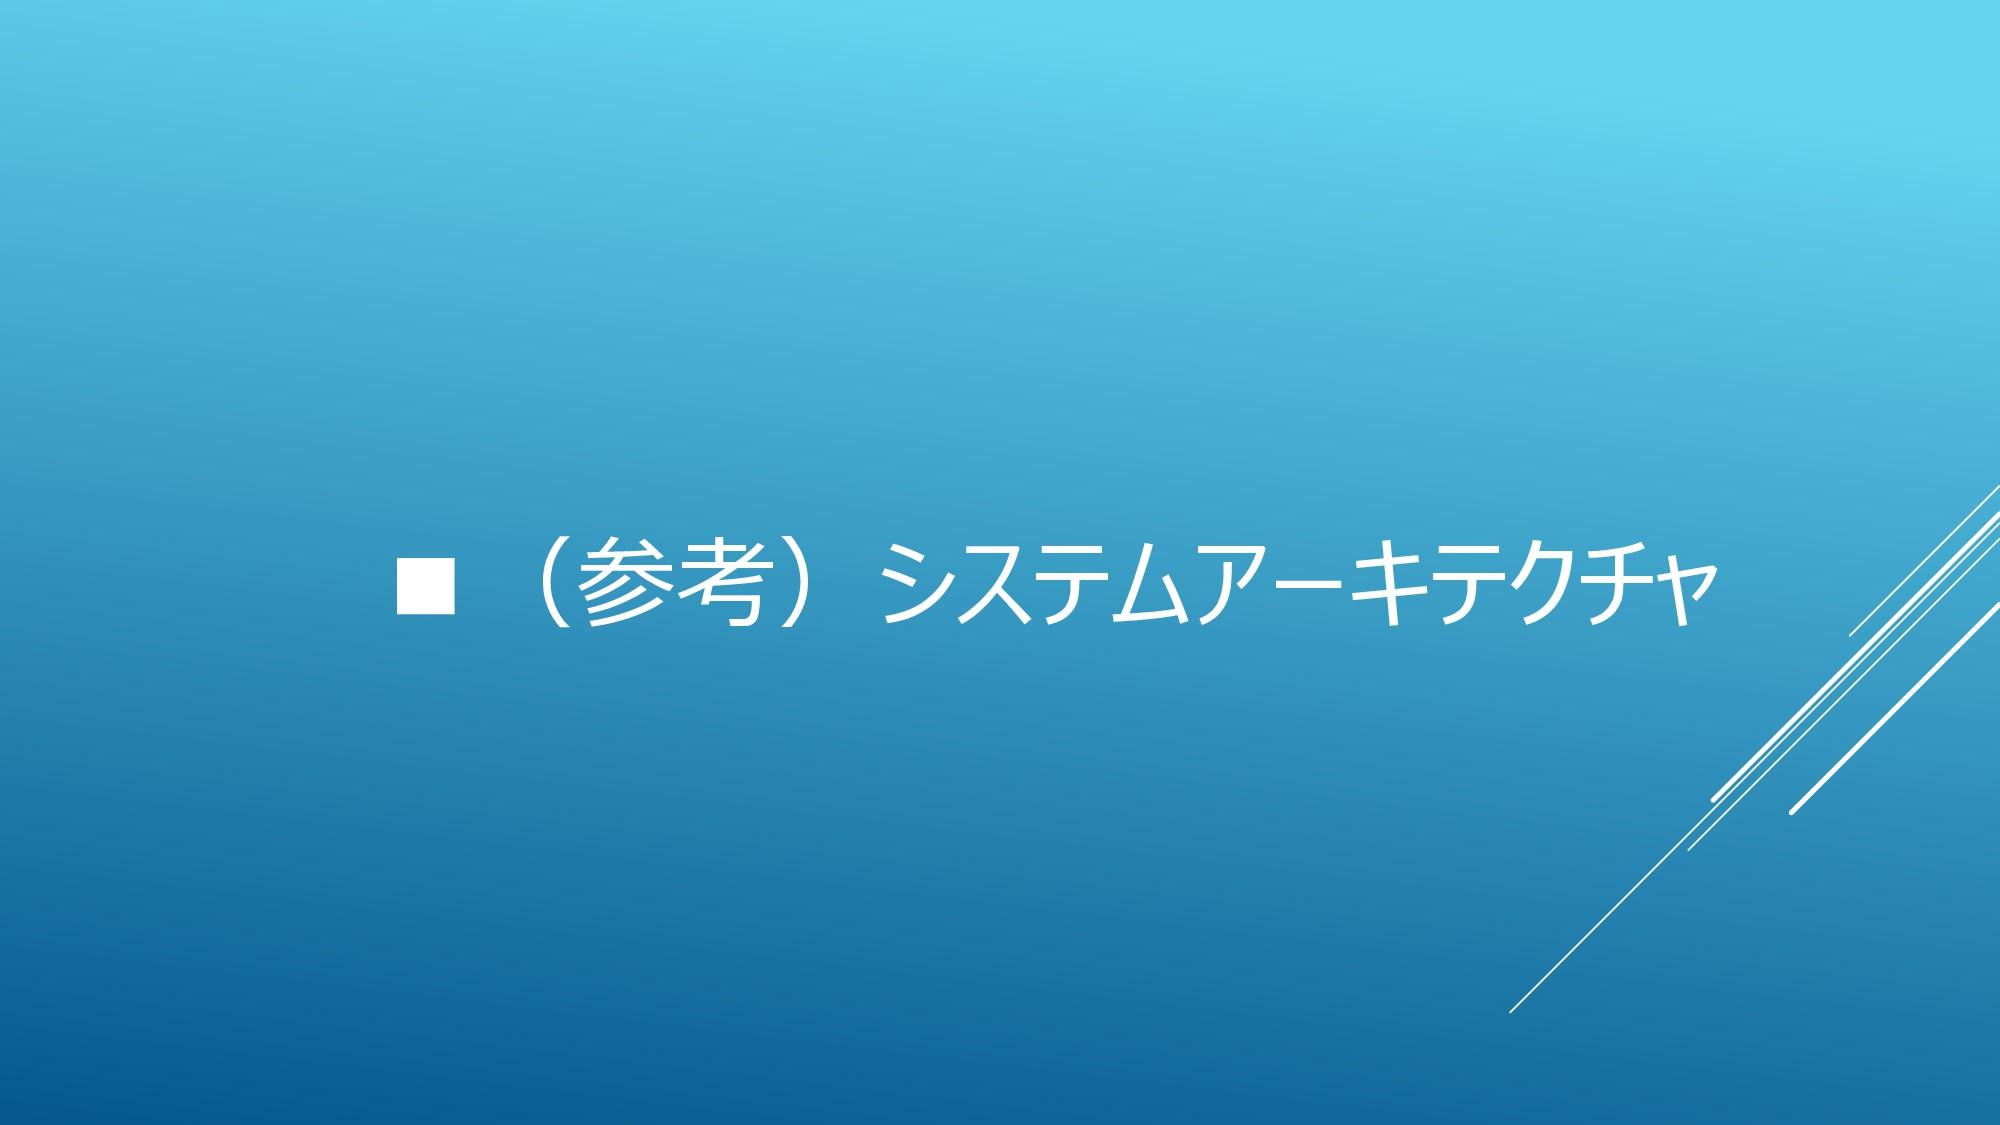 ■(参考)システムアーキテクチャ